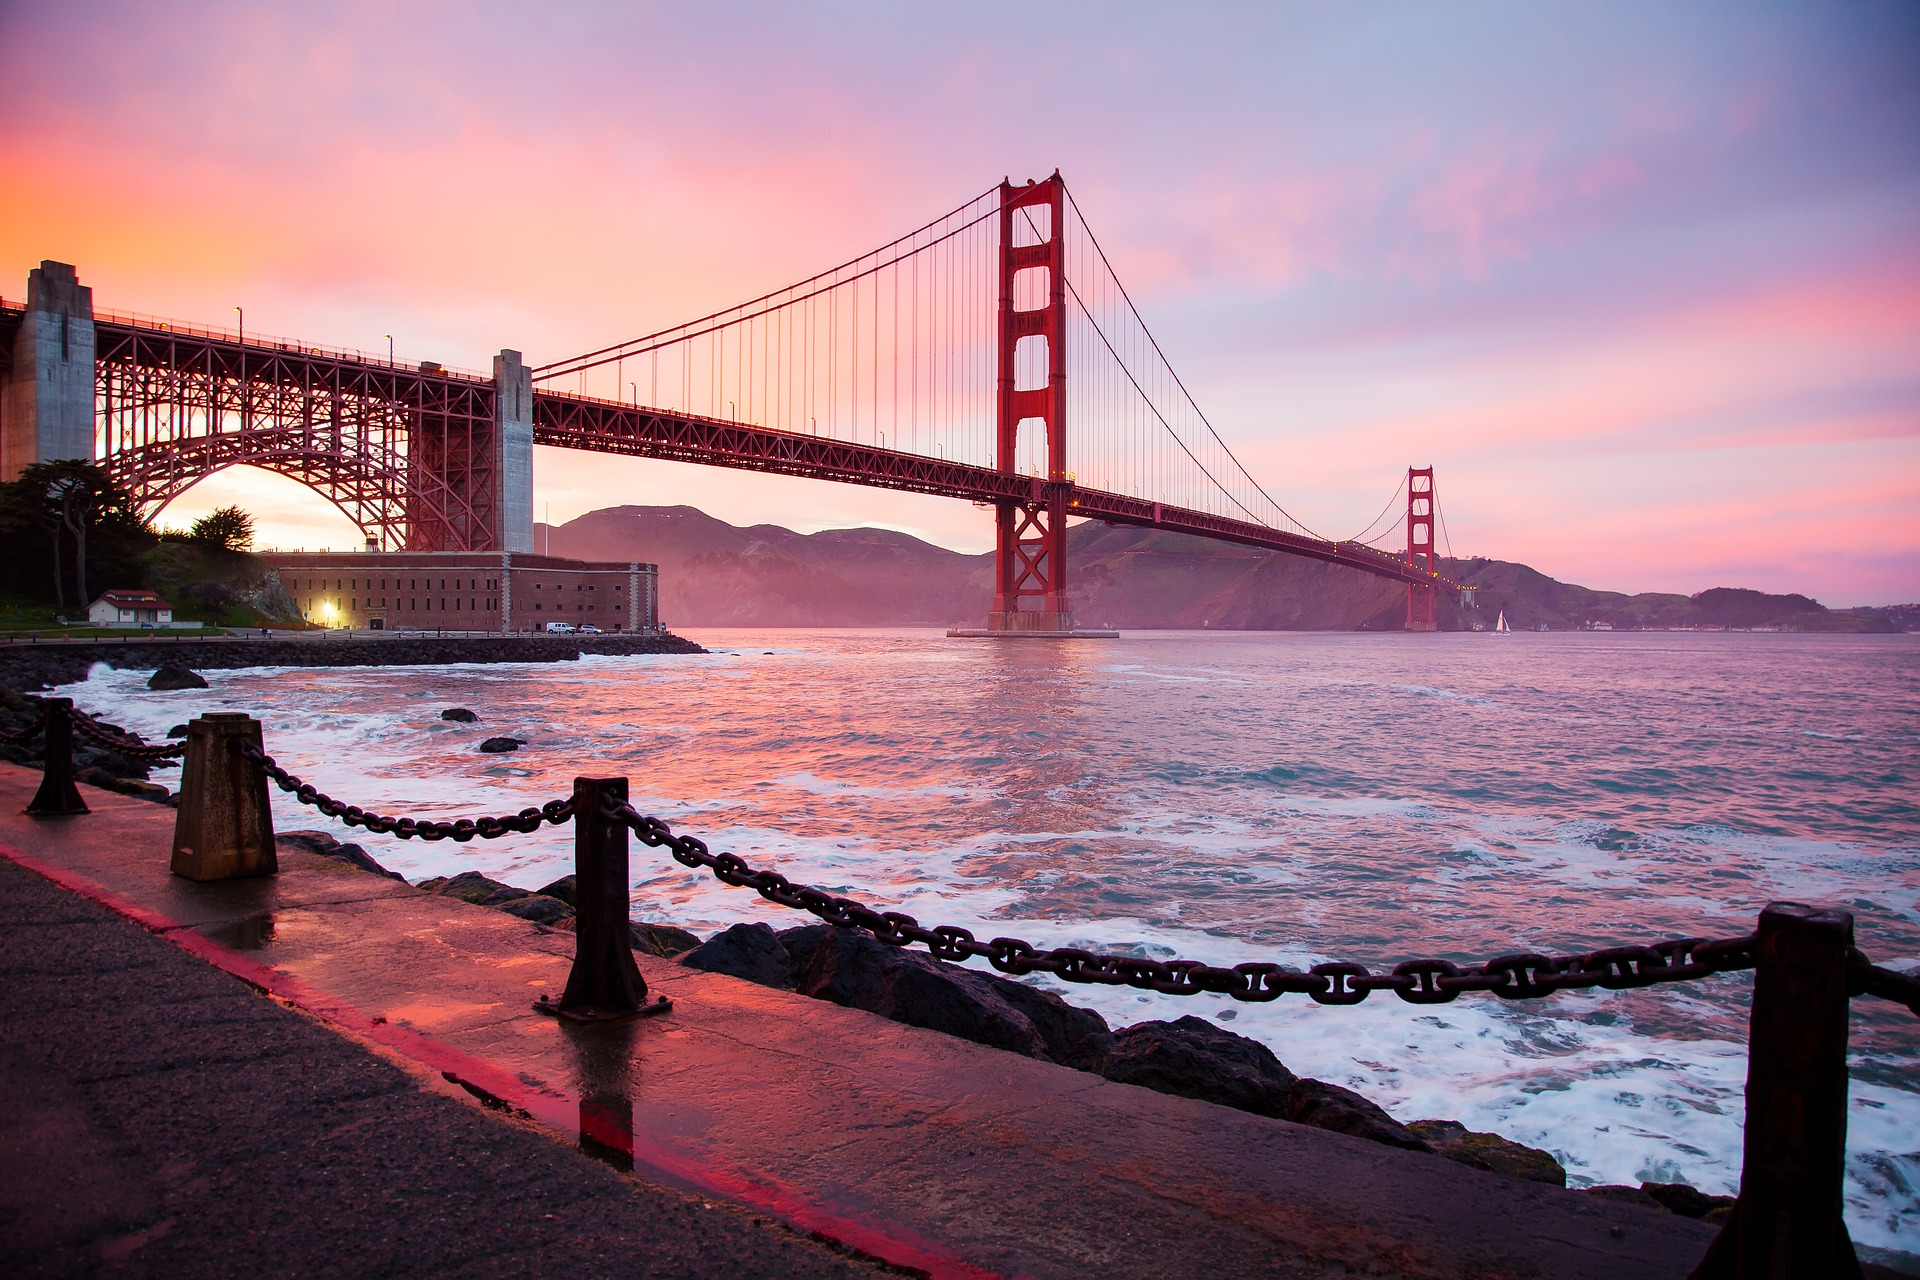 Golden-Gate-Bridge-San-Francisco-Cruise_Noord-Amerika__een_reis_net_zo_divers_als_het_continent_zelf